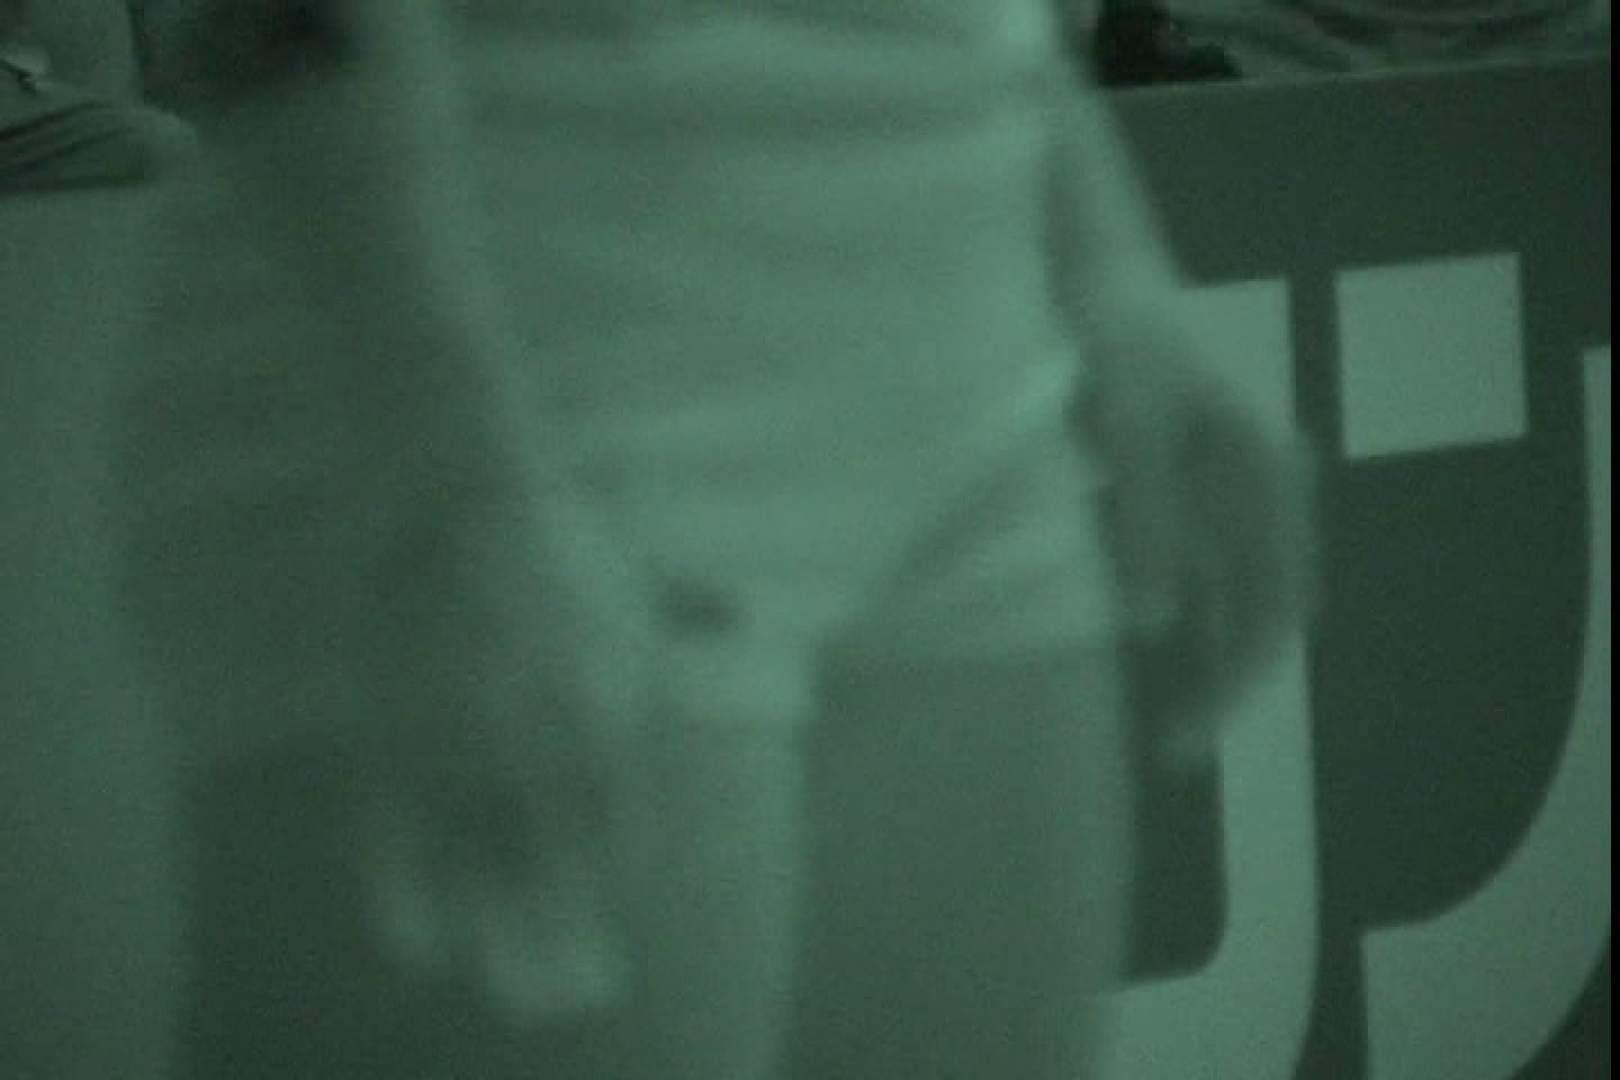 赤外線ムレスケバレー(汗) vol.05 赤外線 | 美しいOLの裸体  79pic 1